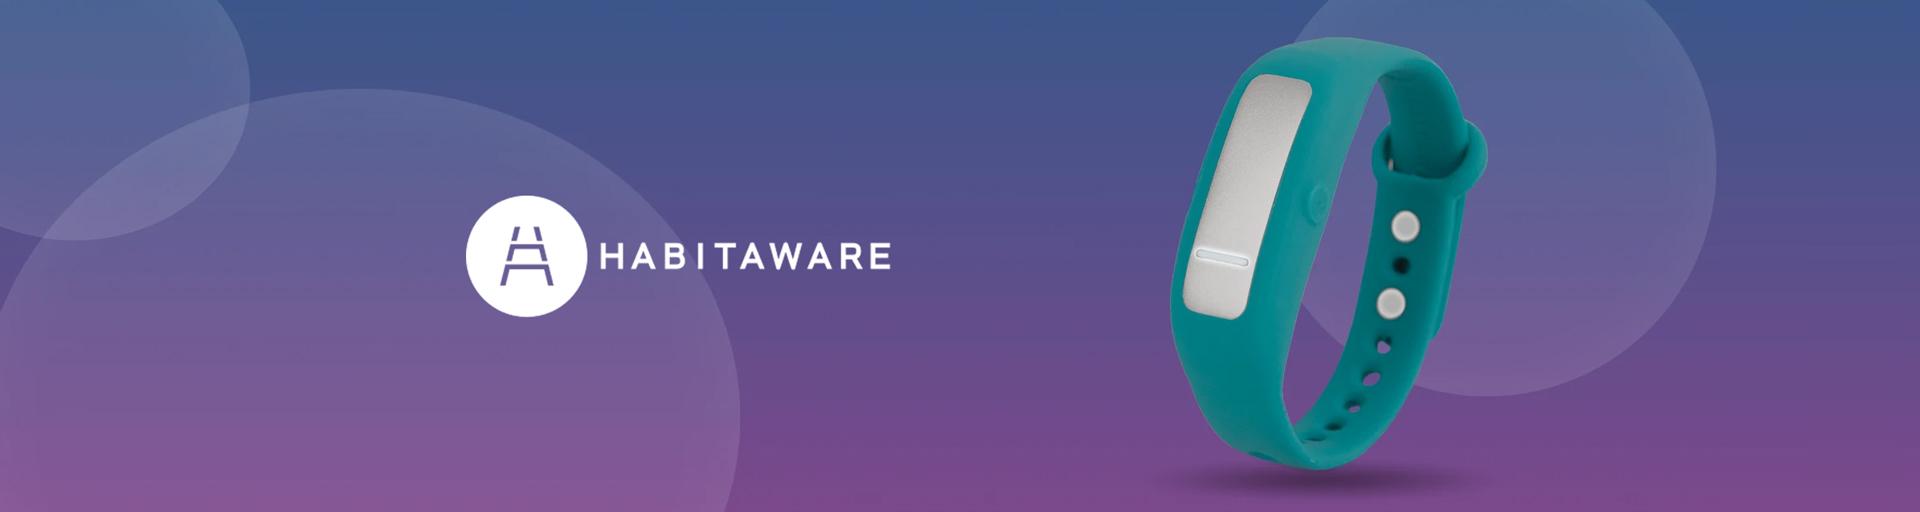 HabitAware